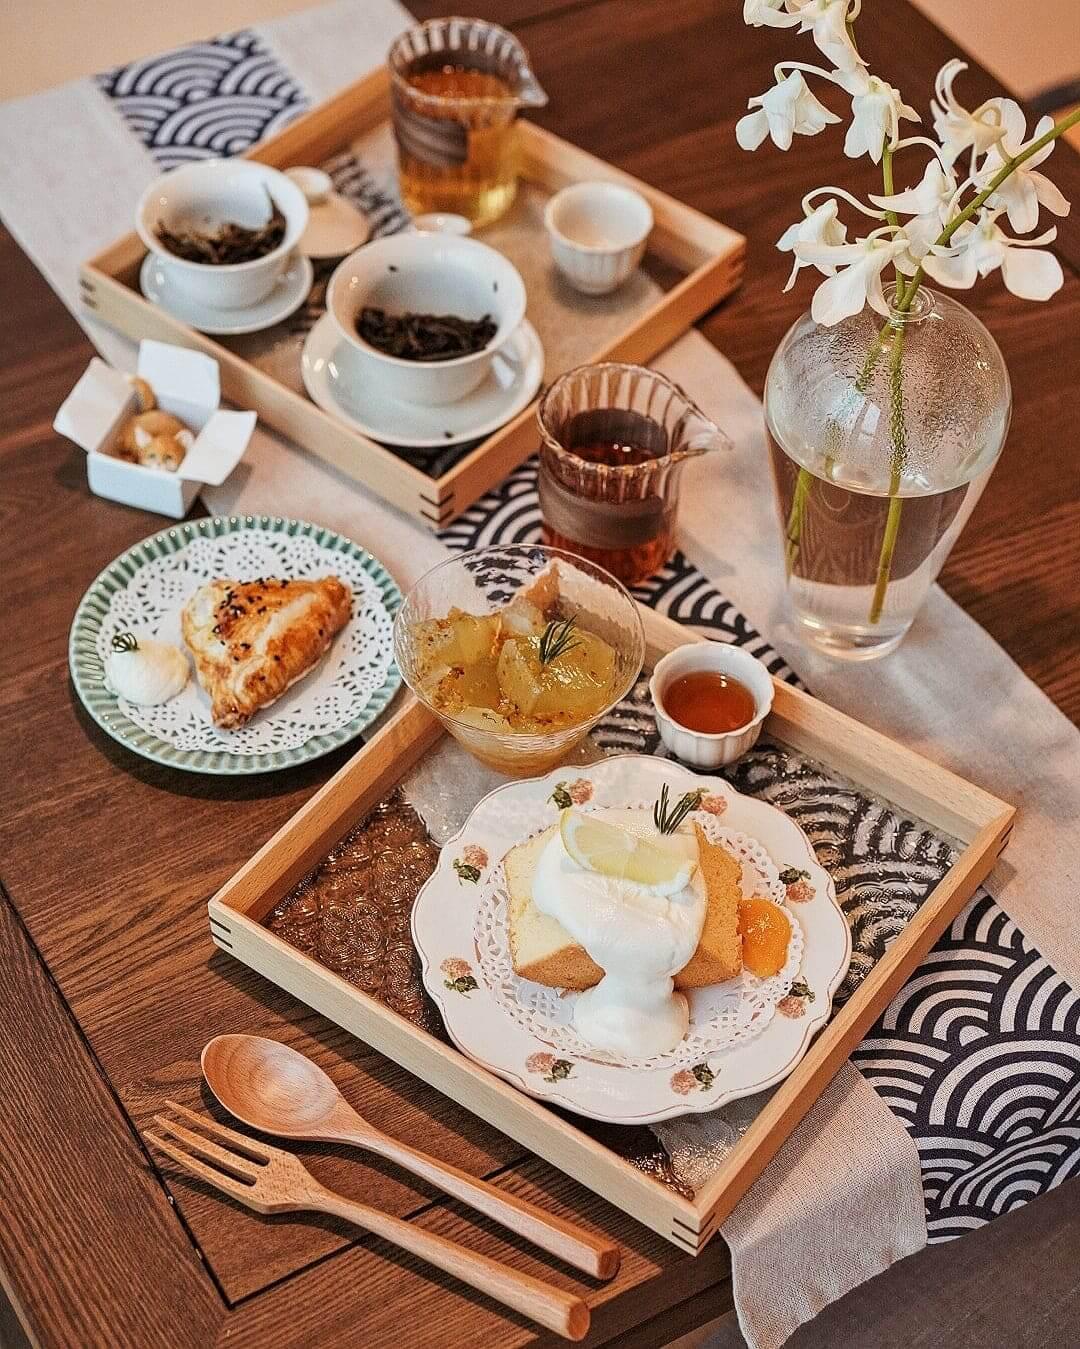 茶療 Tea Therapy可品嘗一系到高山茗茶及精緻糕點。